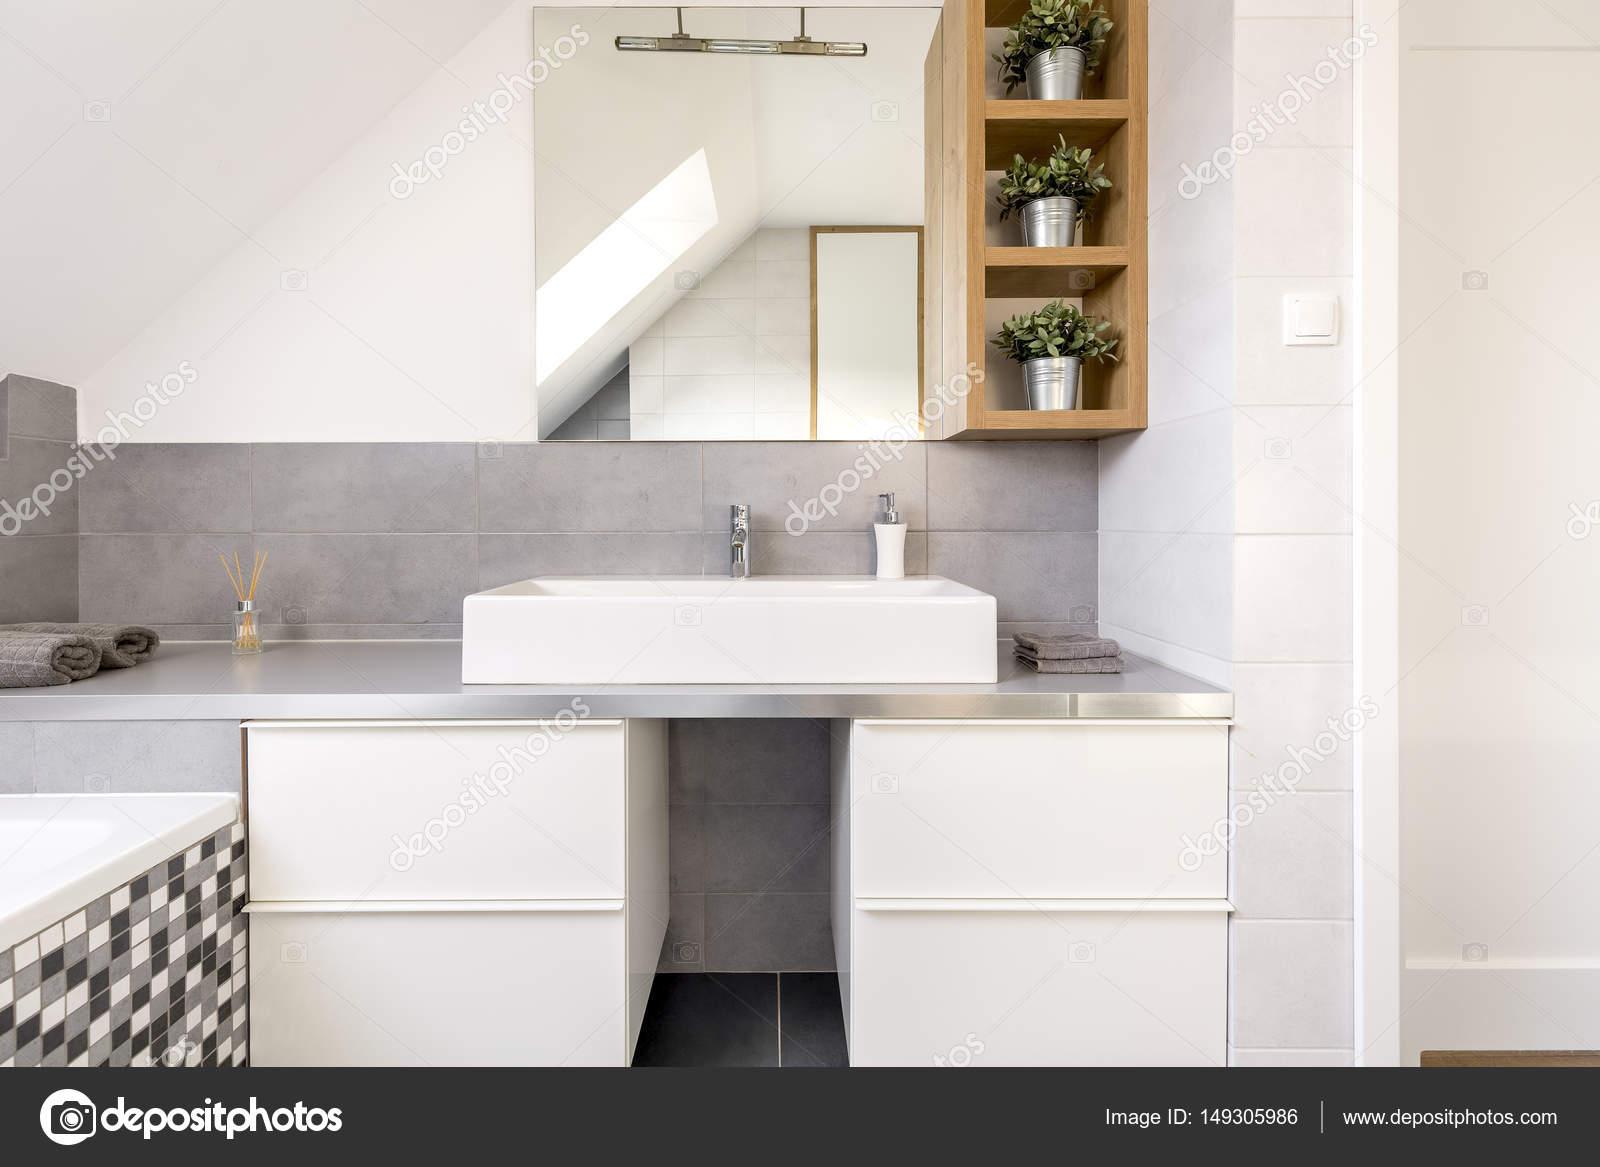 Badkamer met witte kasten — Stockfoto © photographee.eu #149305986